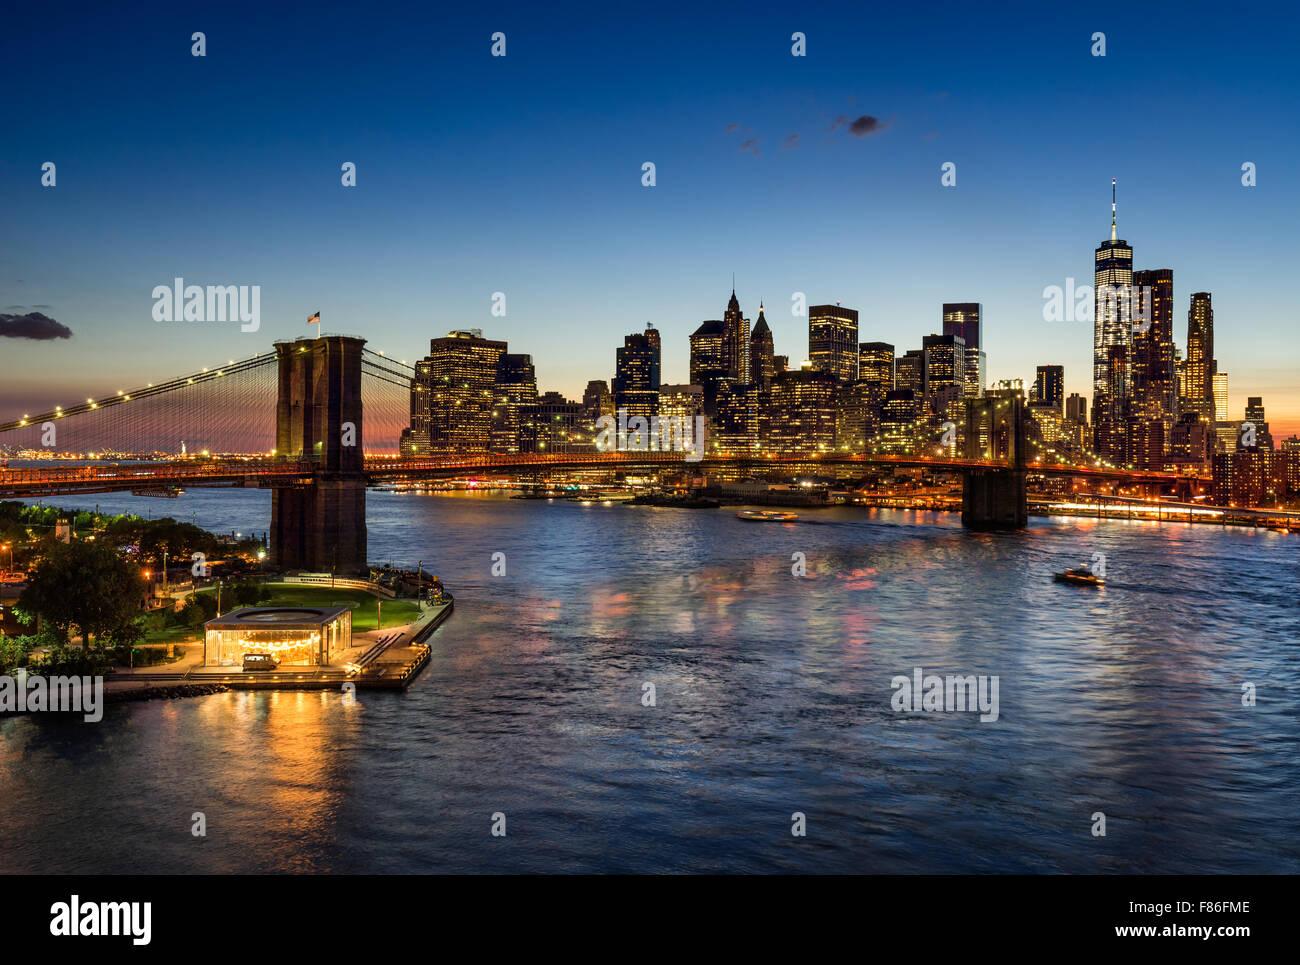 Pont de Brooklyn et Manhattan illuminée au crépuscule. Quartier des gratte-ciel de refléter dans l'East River, New York. Banque D'Images